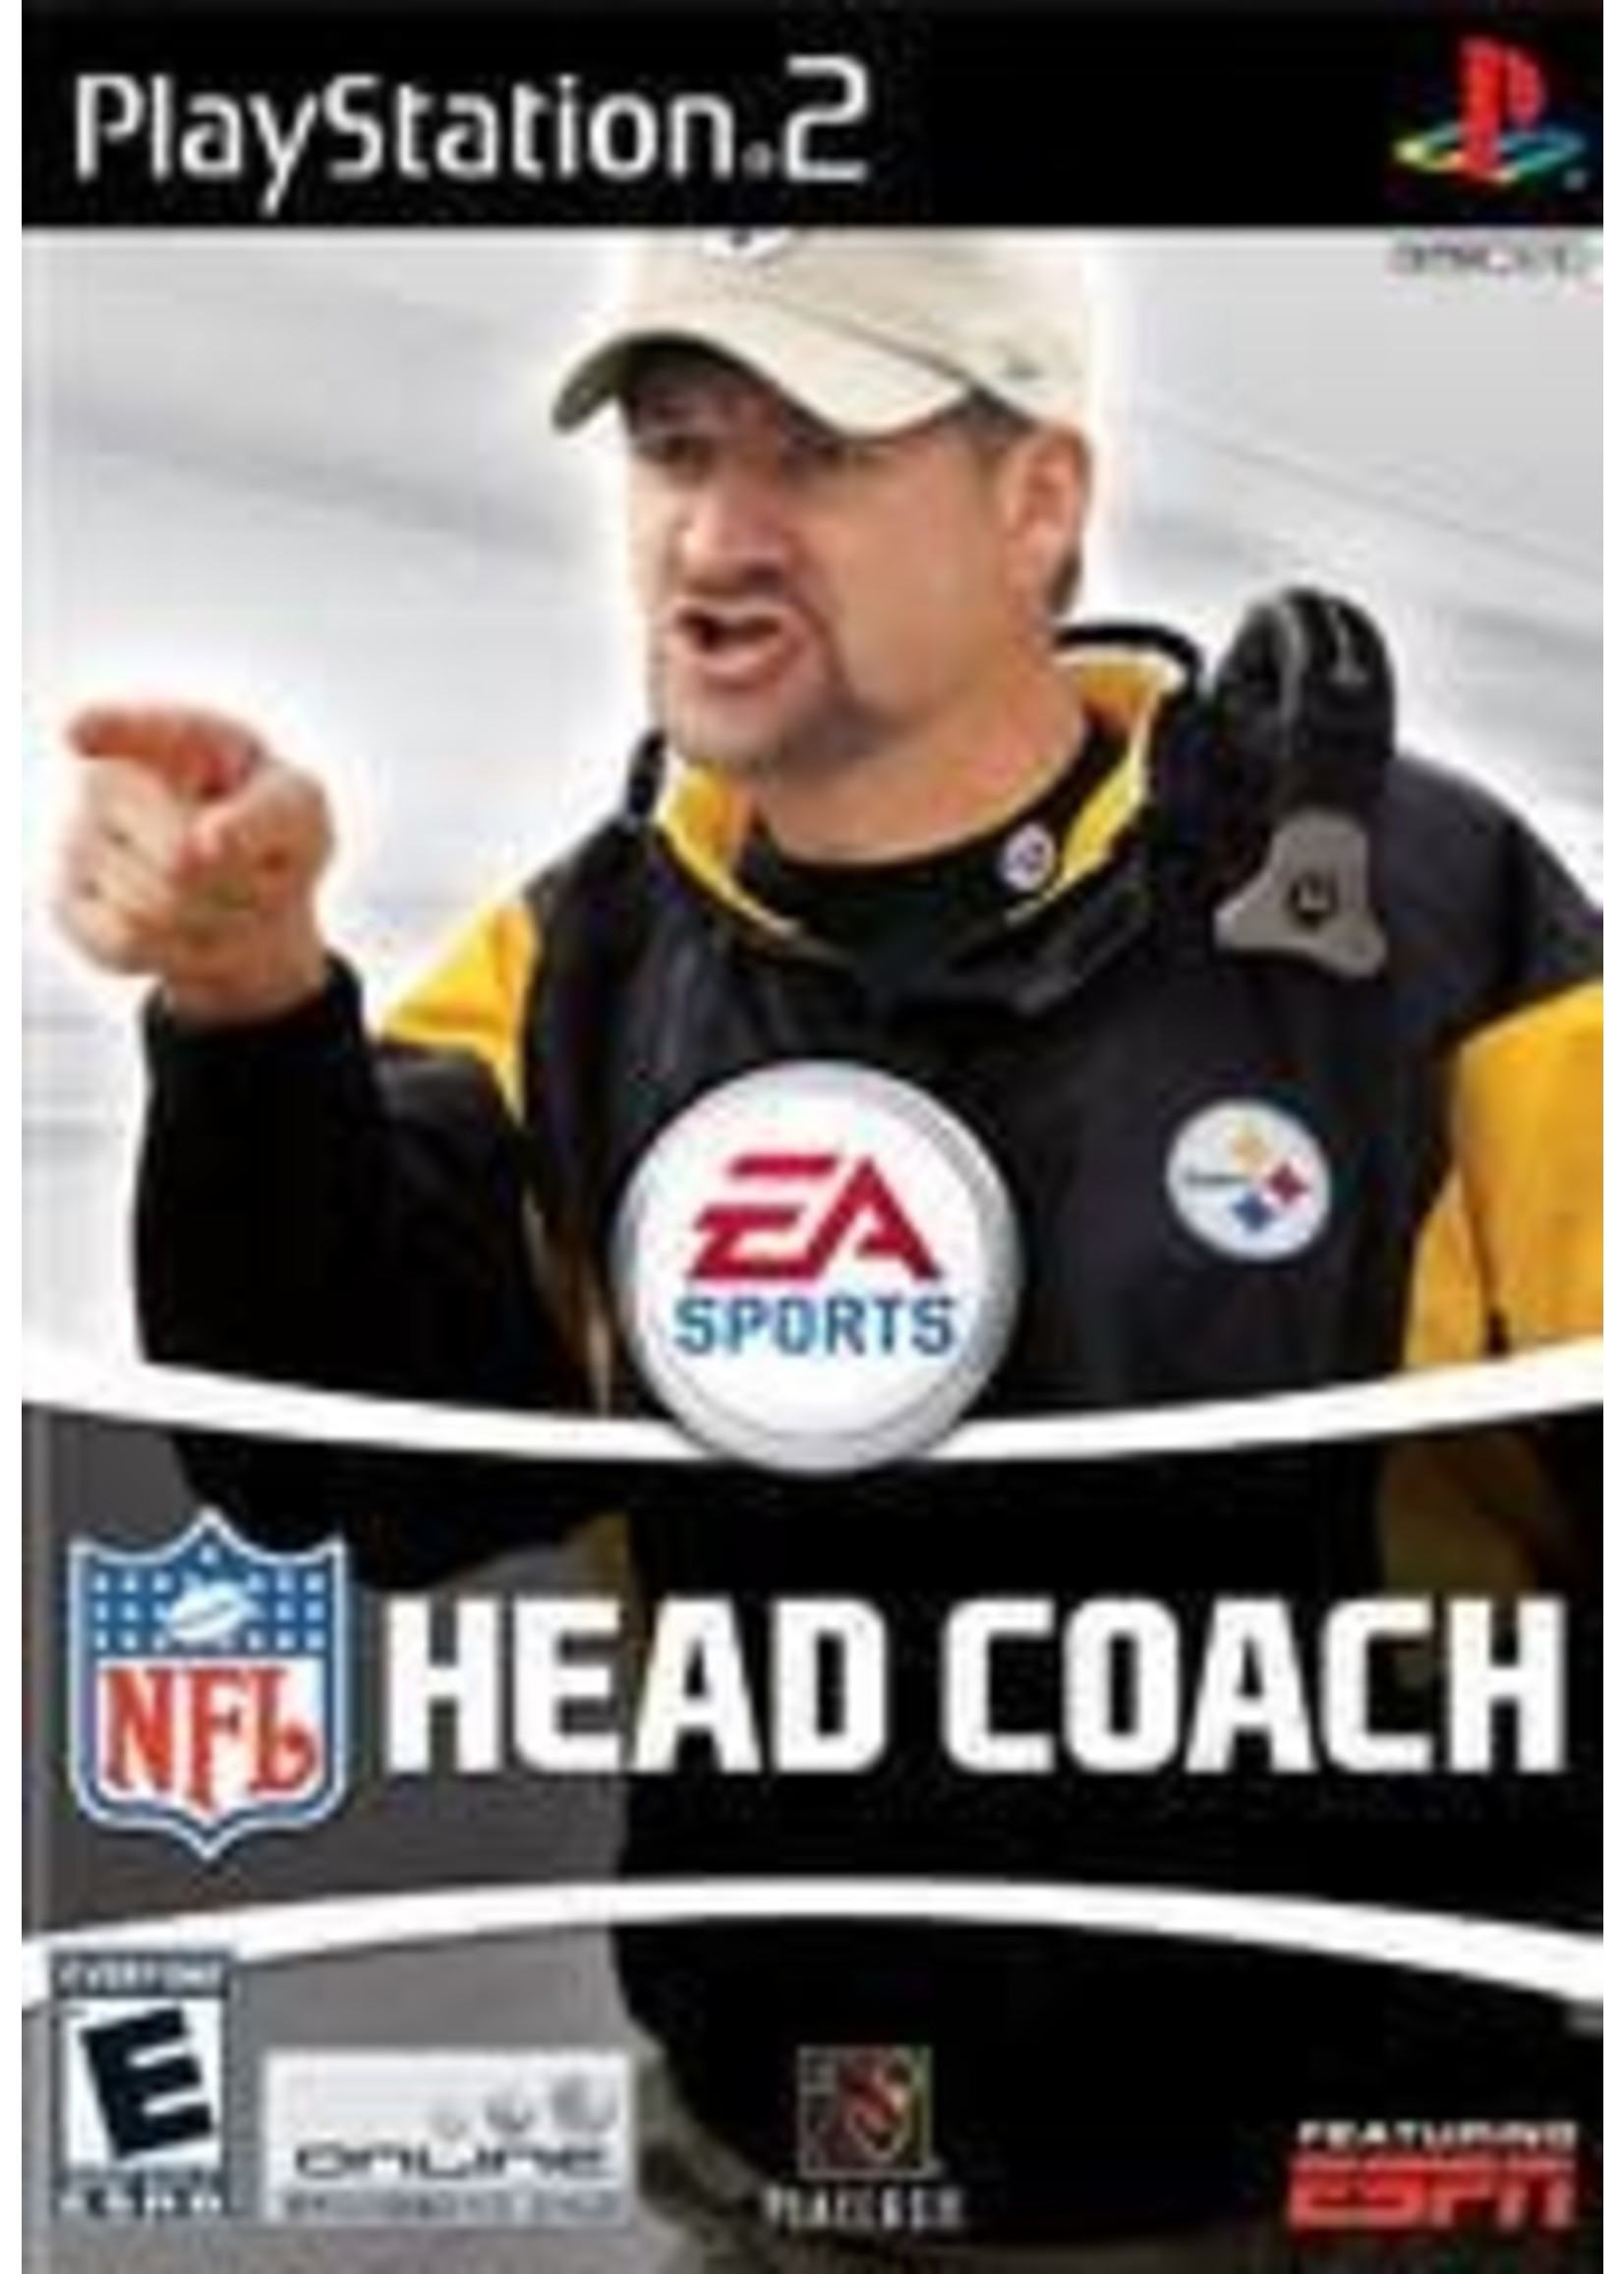 NFL Head Coach Playstation 2